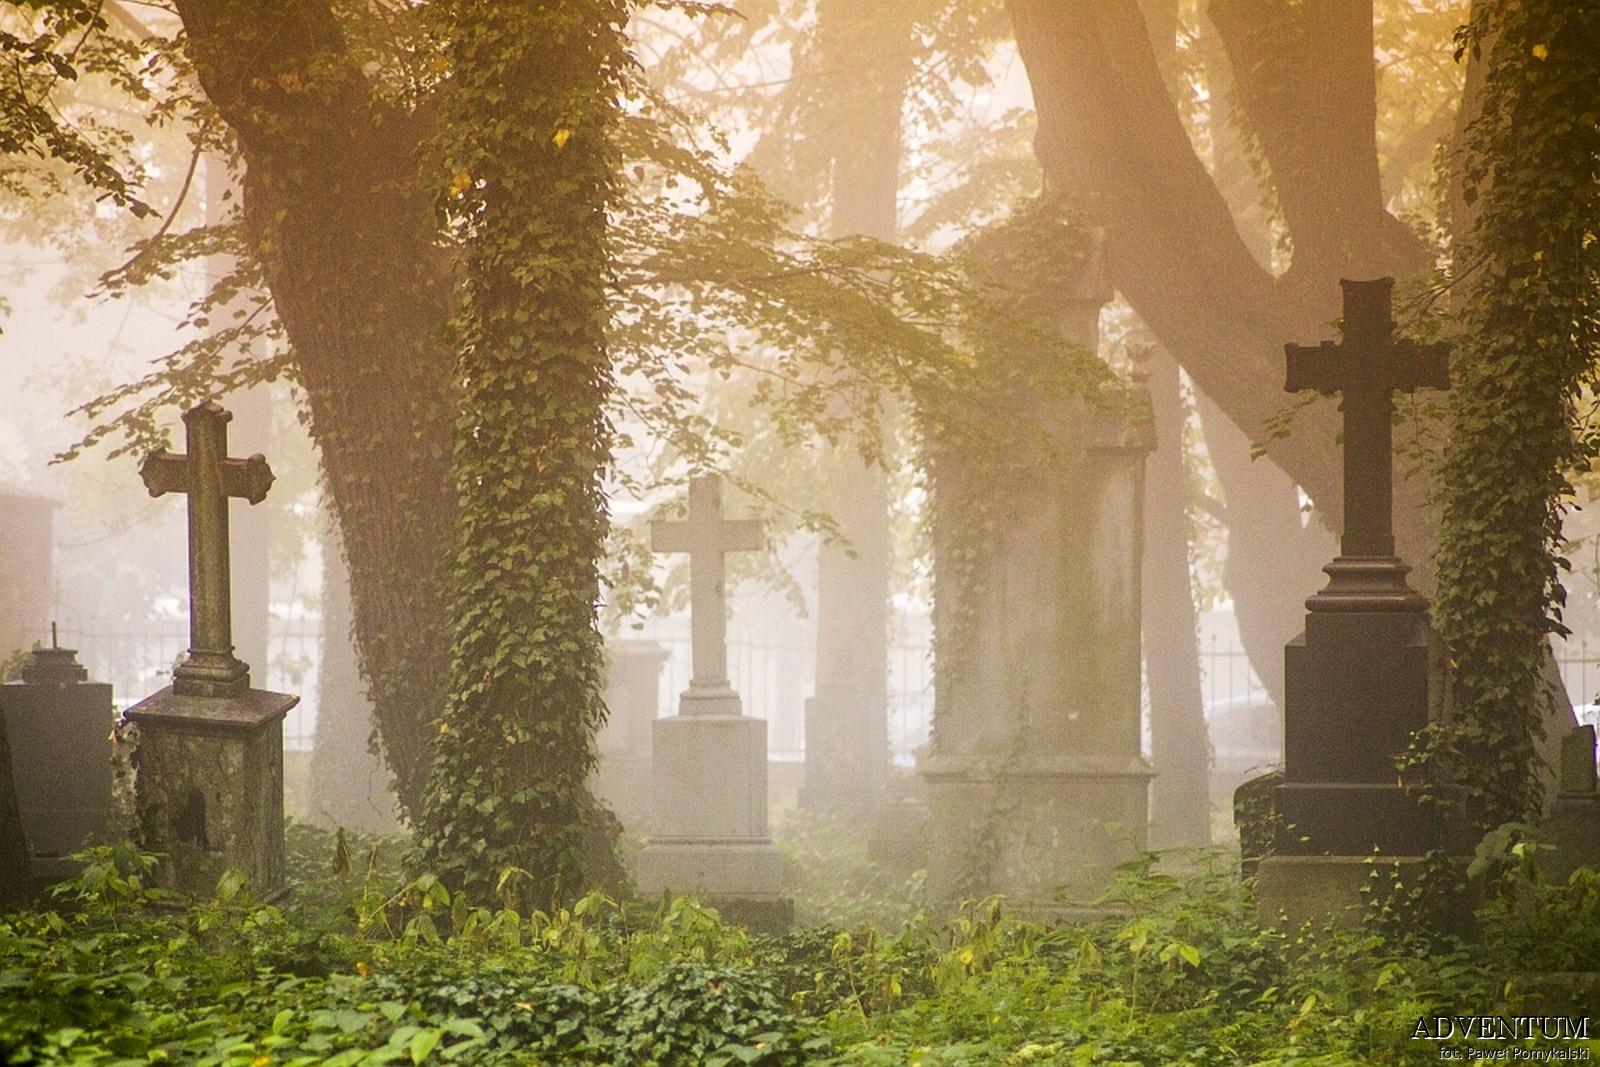 Cmentarze Górny Śląsk Cmentarz nekropiloia Żory